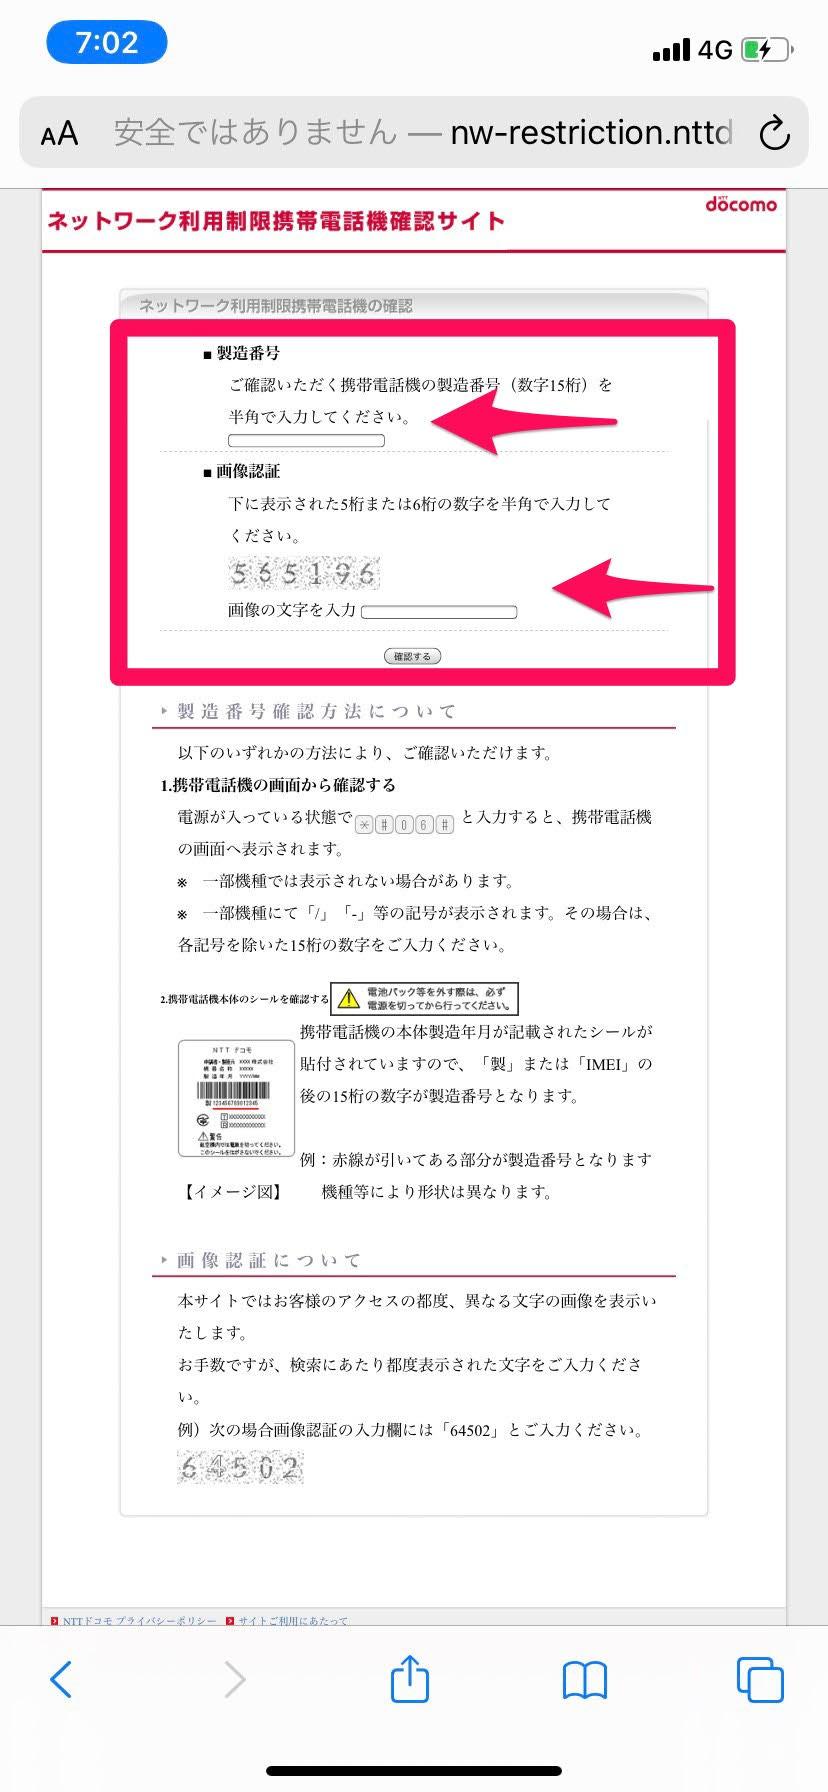 ドコモのネットワーク利用制限確認方法 最新版